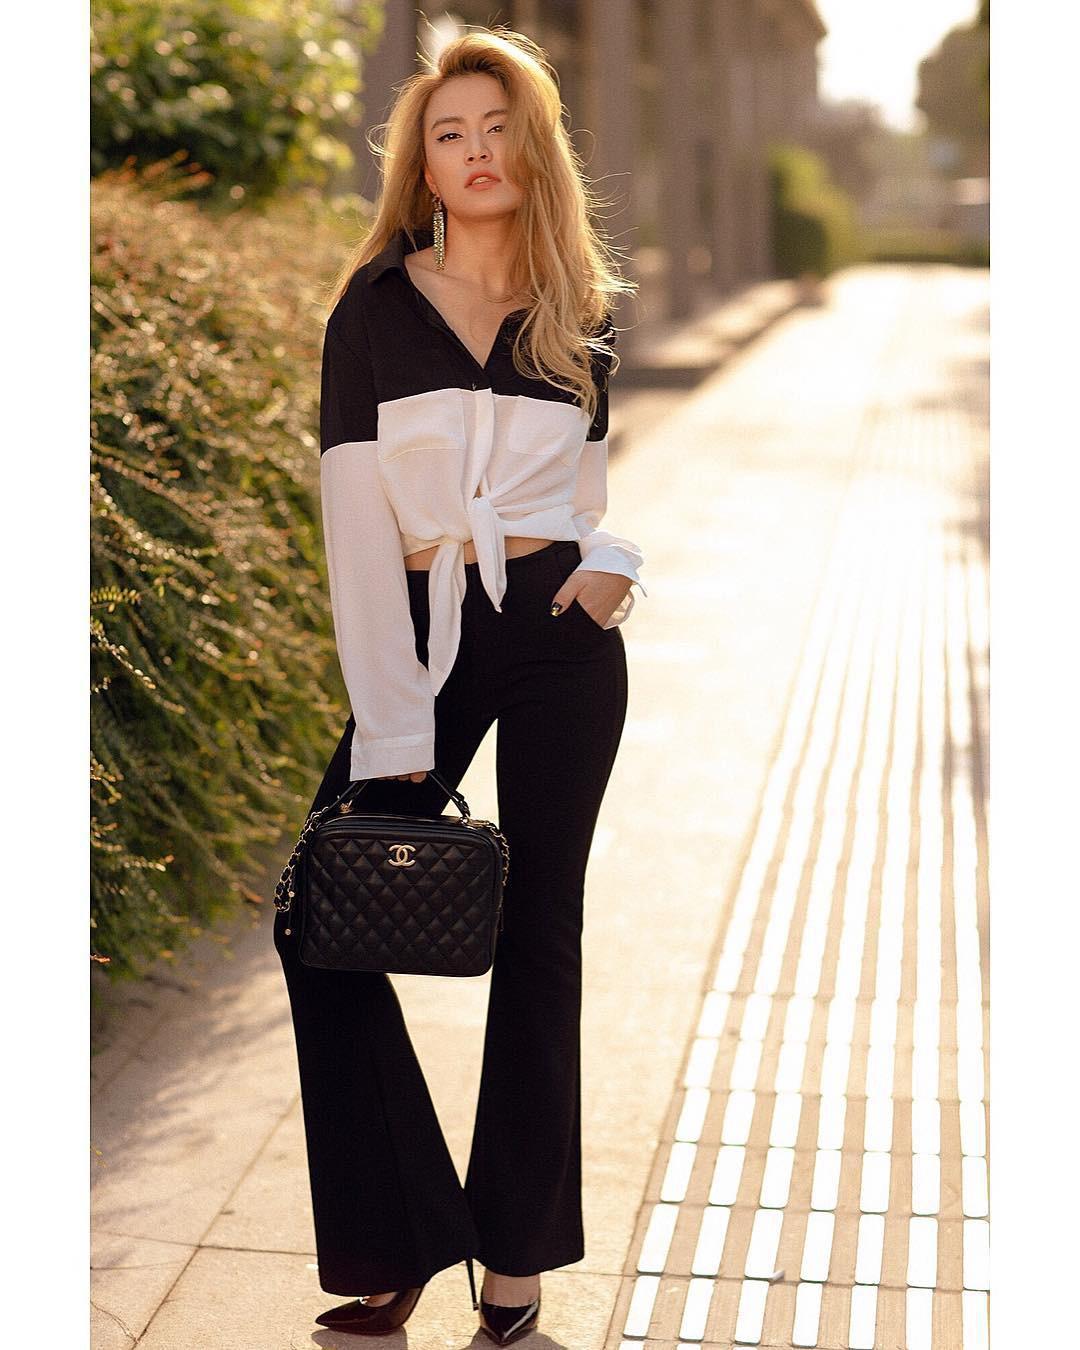 Làm chủ công thức diện đồ đen - trắng với 13 ý tưởng từ sao nữ Việt, và style của bạn sẽ lên đời thấy rõ-12